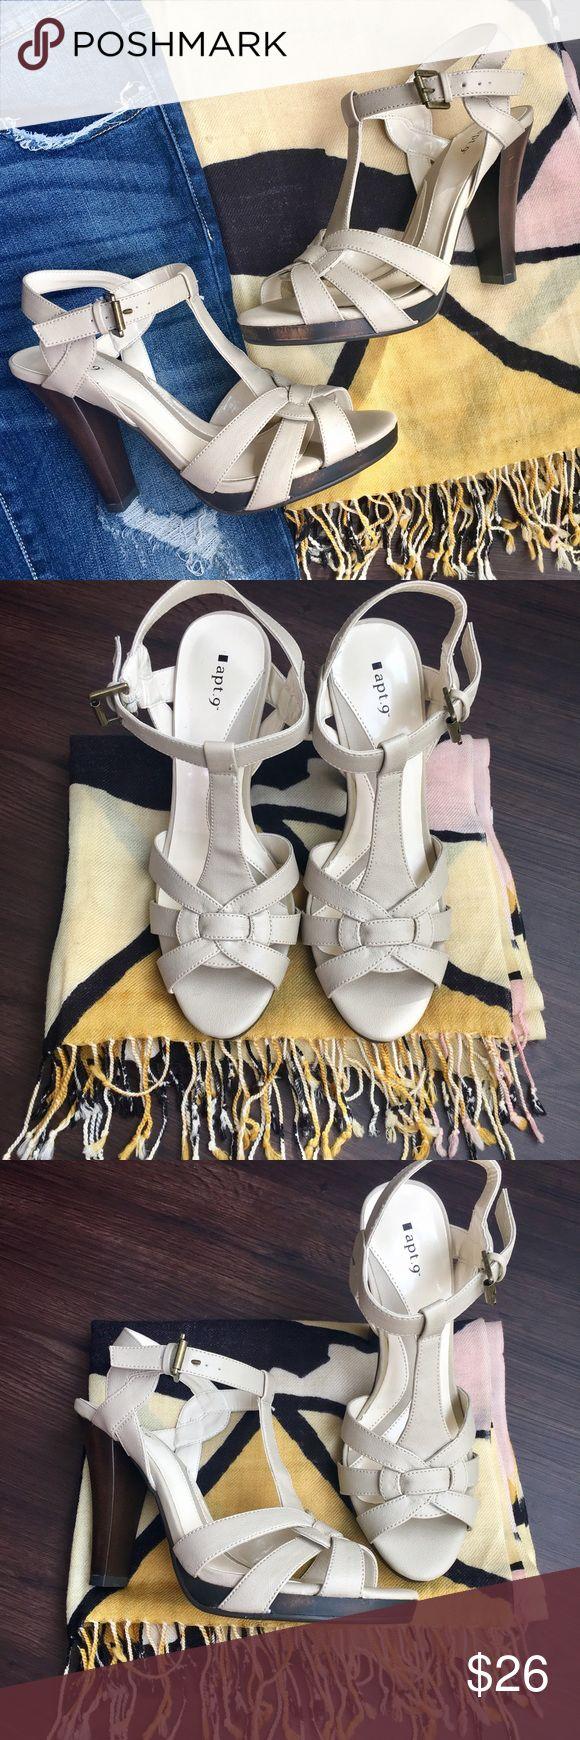 NEW Cream Heel Sandals New and never worn chunky heel sandals. Apt. 9 Shoes Heels